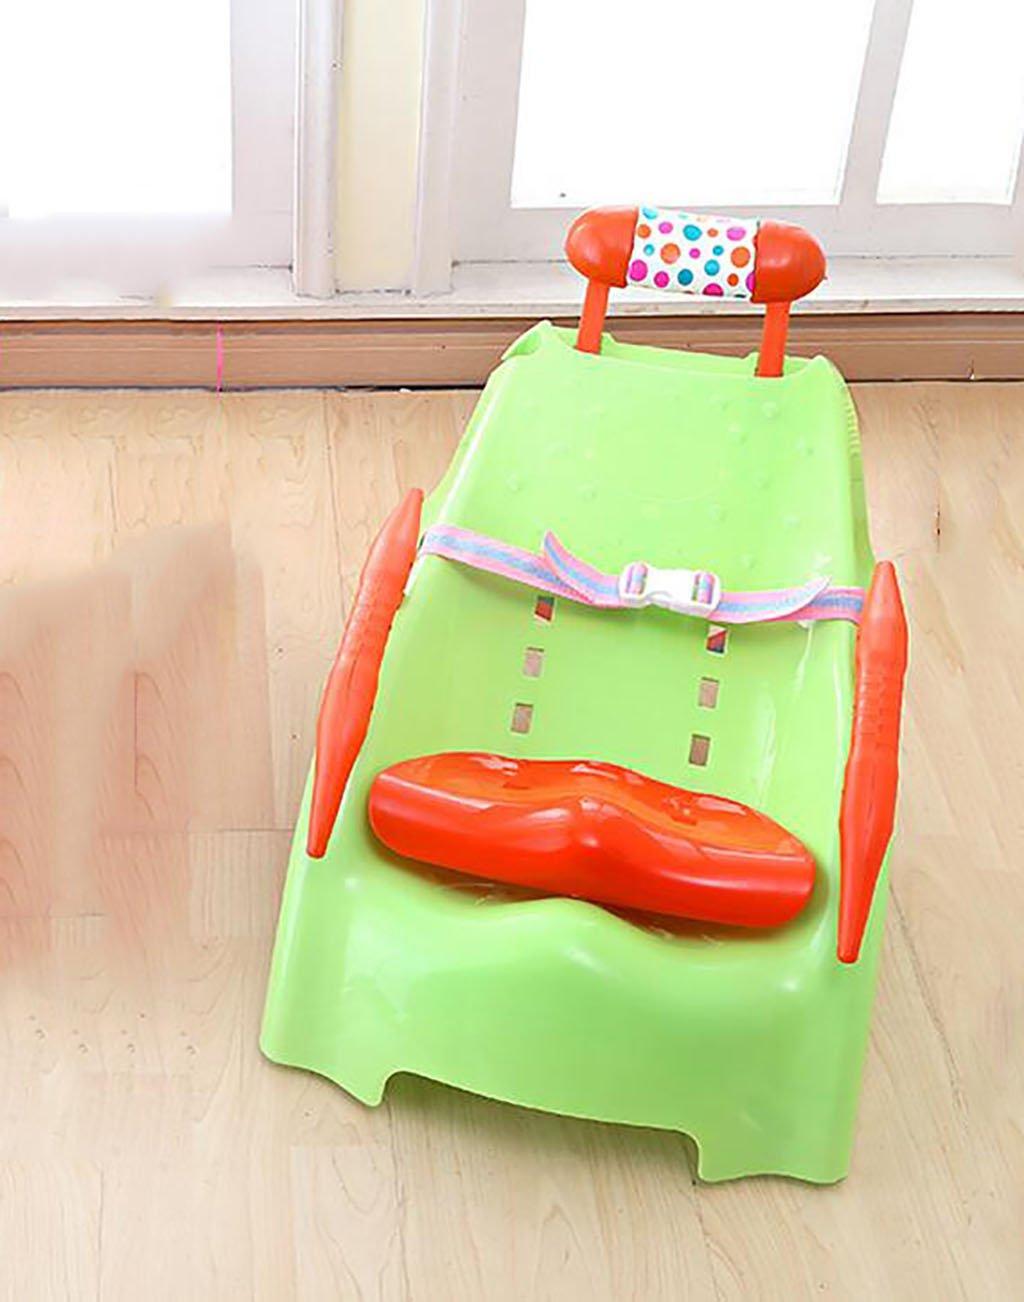 YUGANG Bambino lavaggio poltrona lavaggio poltrona letto poltrona lavaggio del bambino del bambino Shampoo sedie pieghevoli (Colore : 1#)